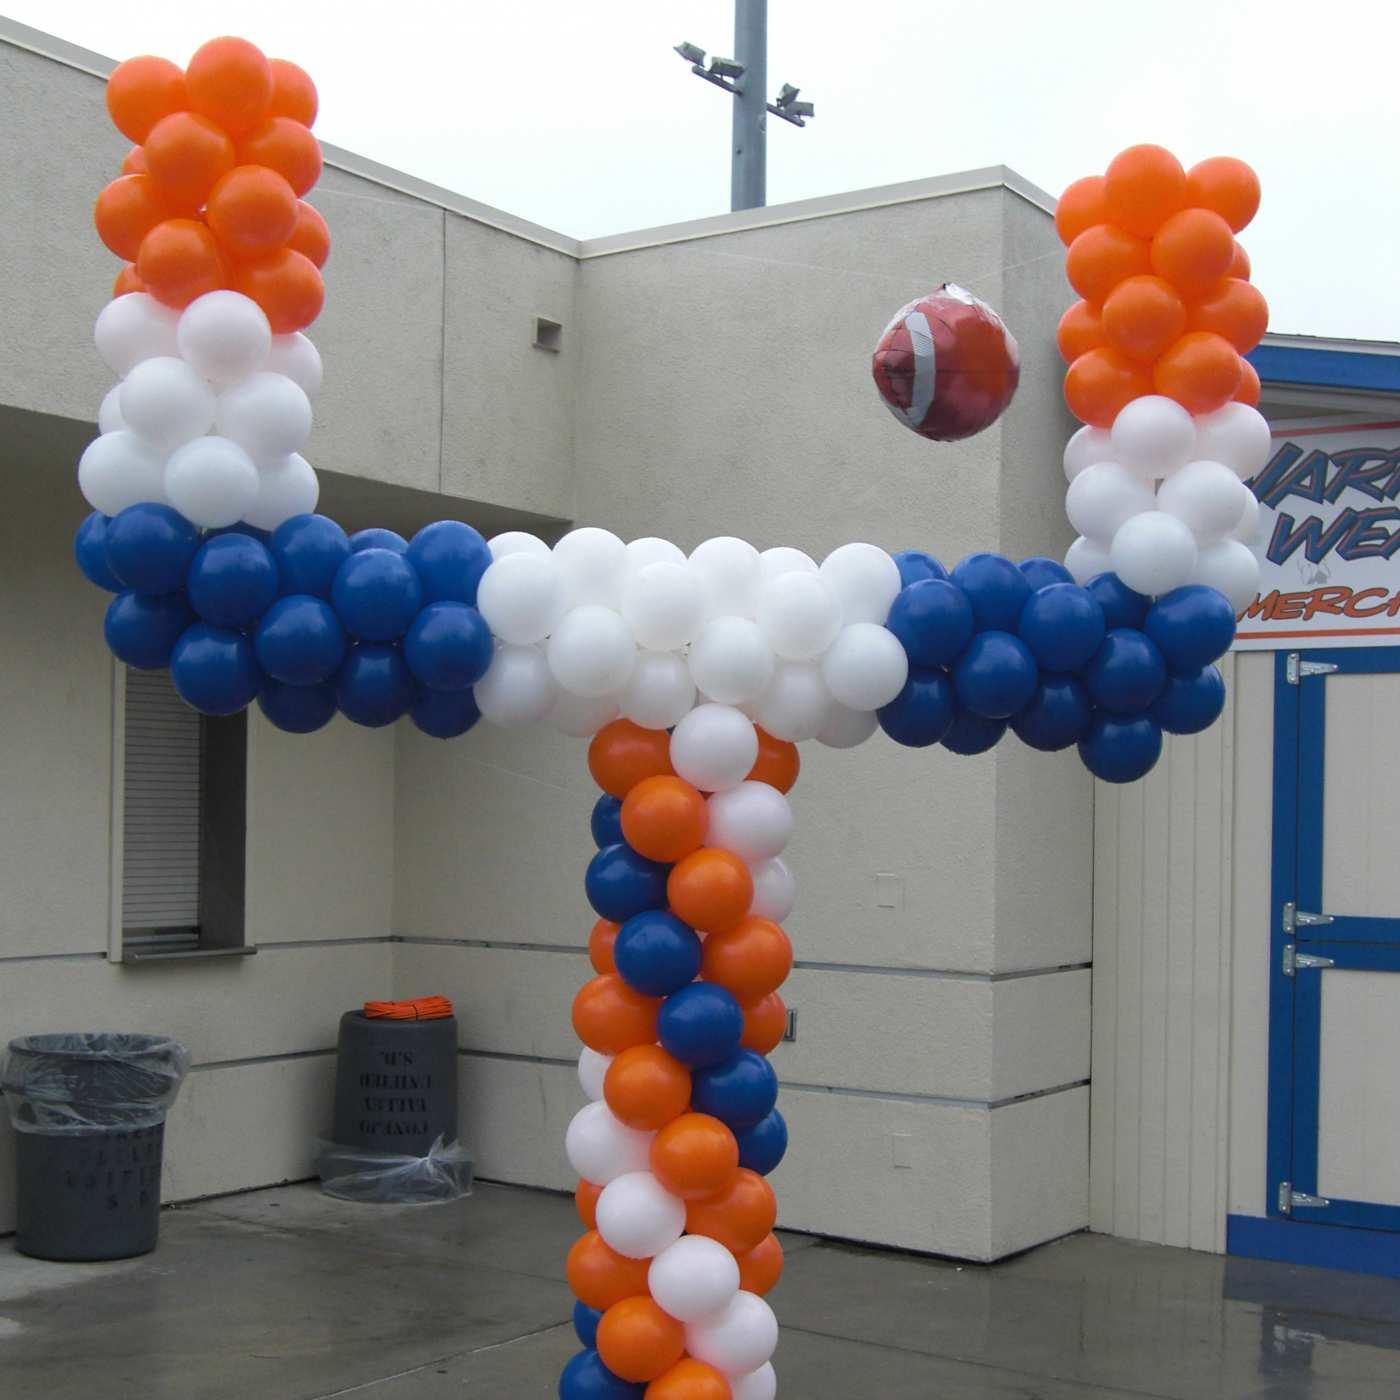 Goalpost balloon sculpture